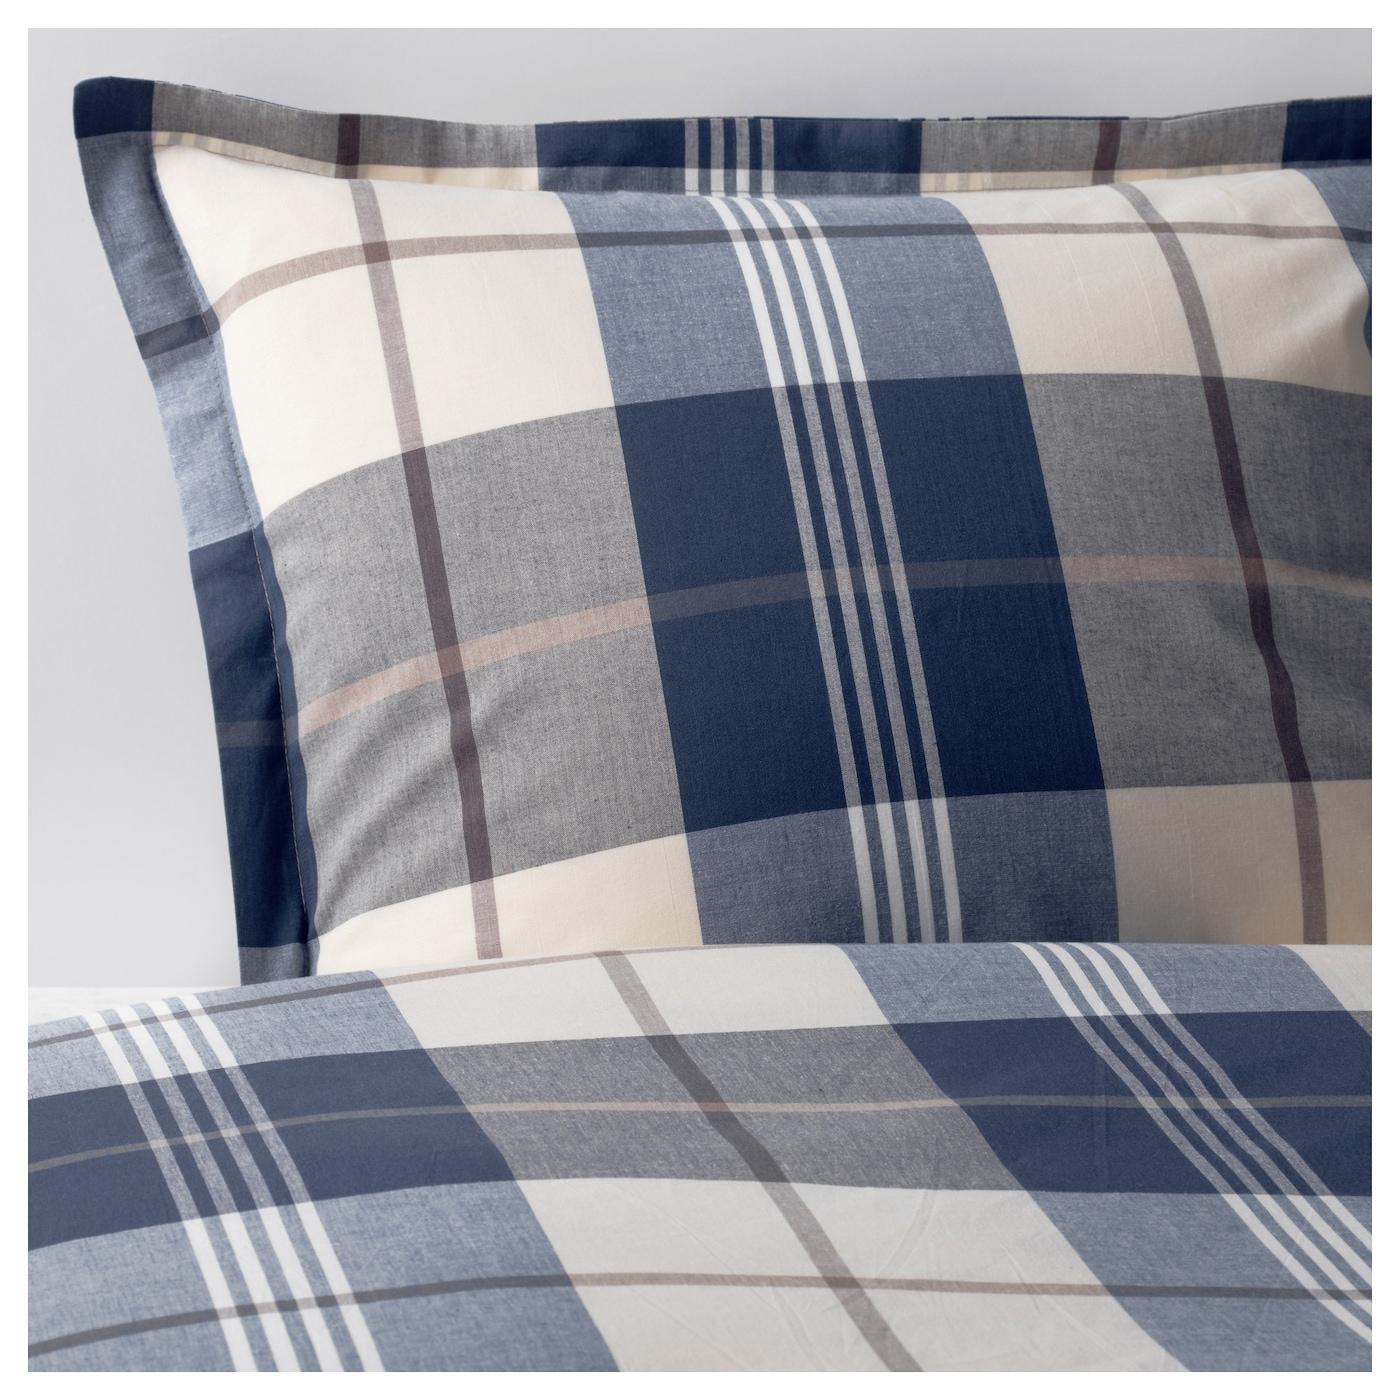 KUSTRUTA-1 Комплект постельного белья, синий отмечен, 150x200/50x60 см